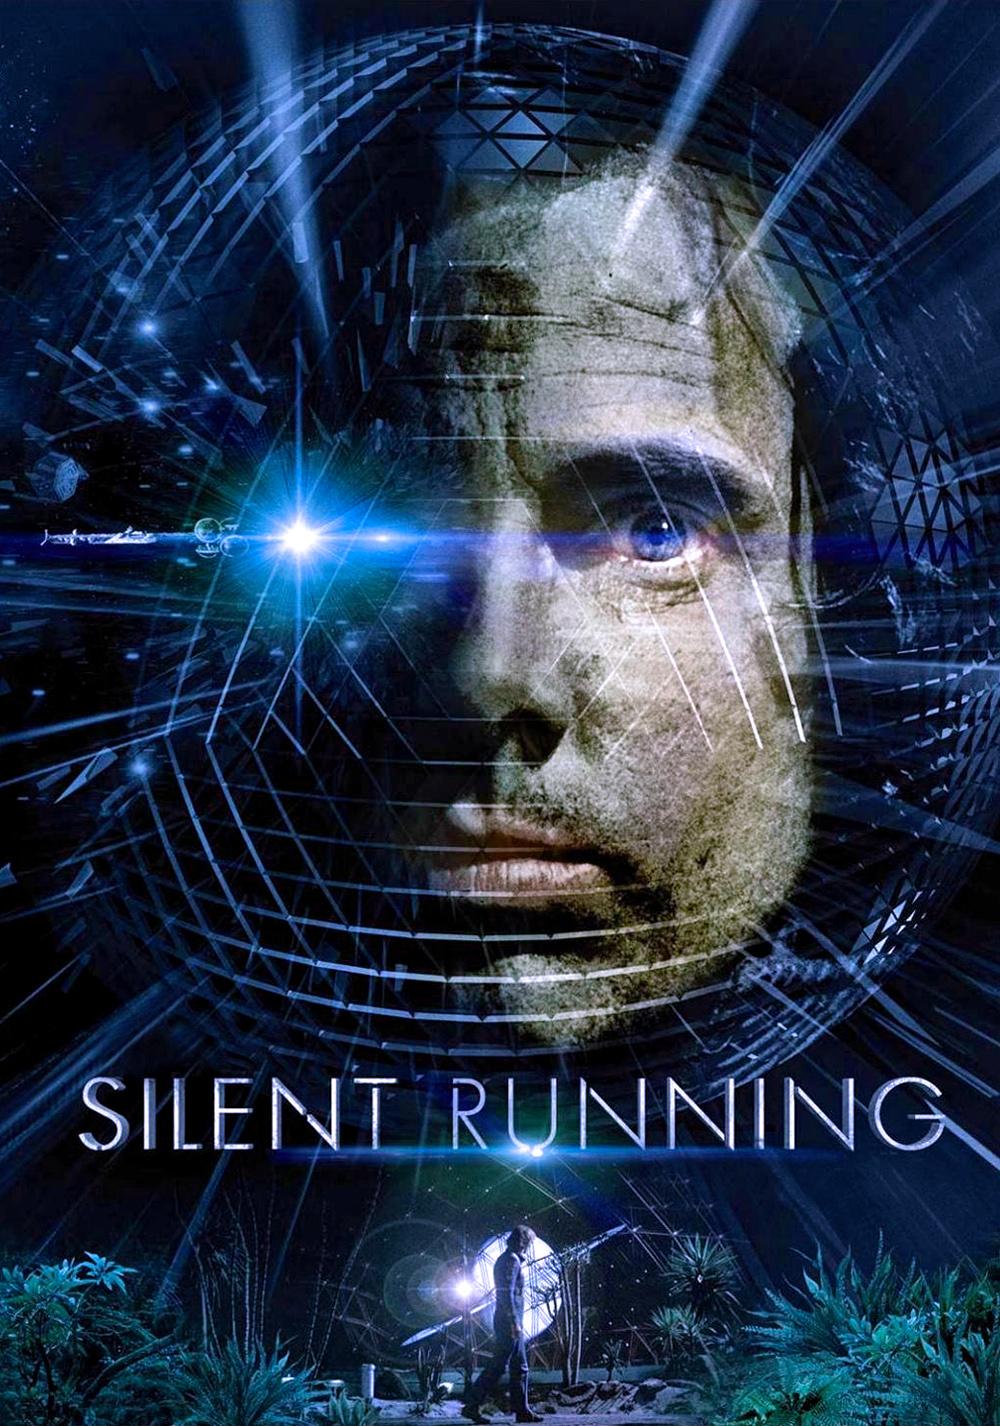 silent running movie fanart fanarttv